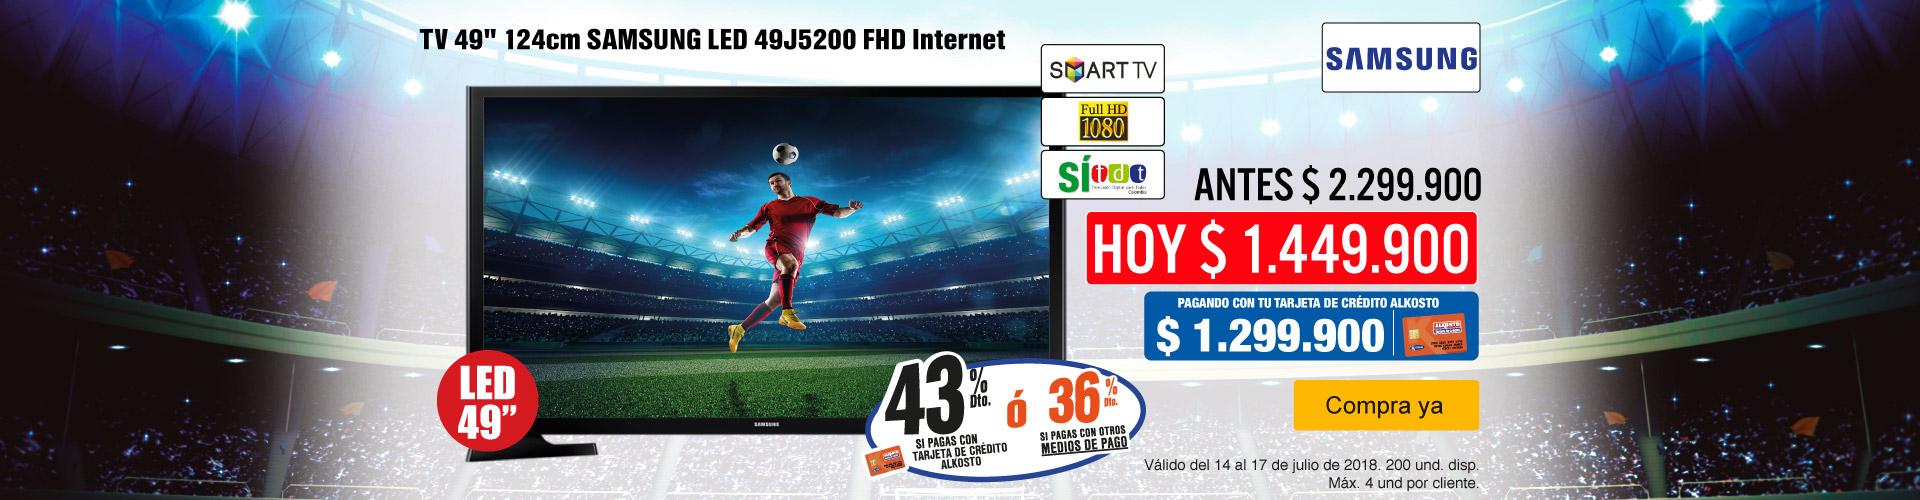 KT-PPAL-1-TV-PP---Samsung-49J5200-Jul13